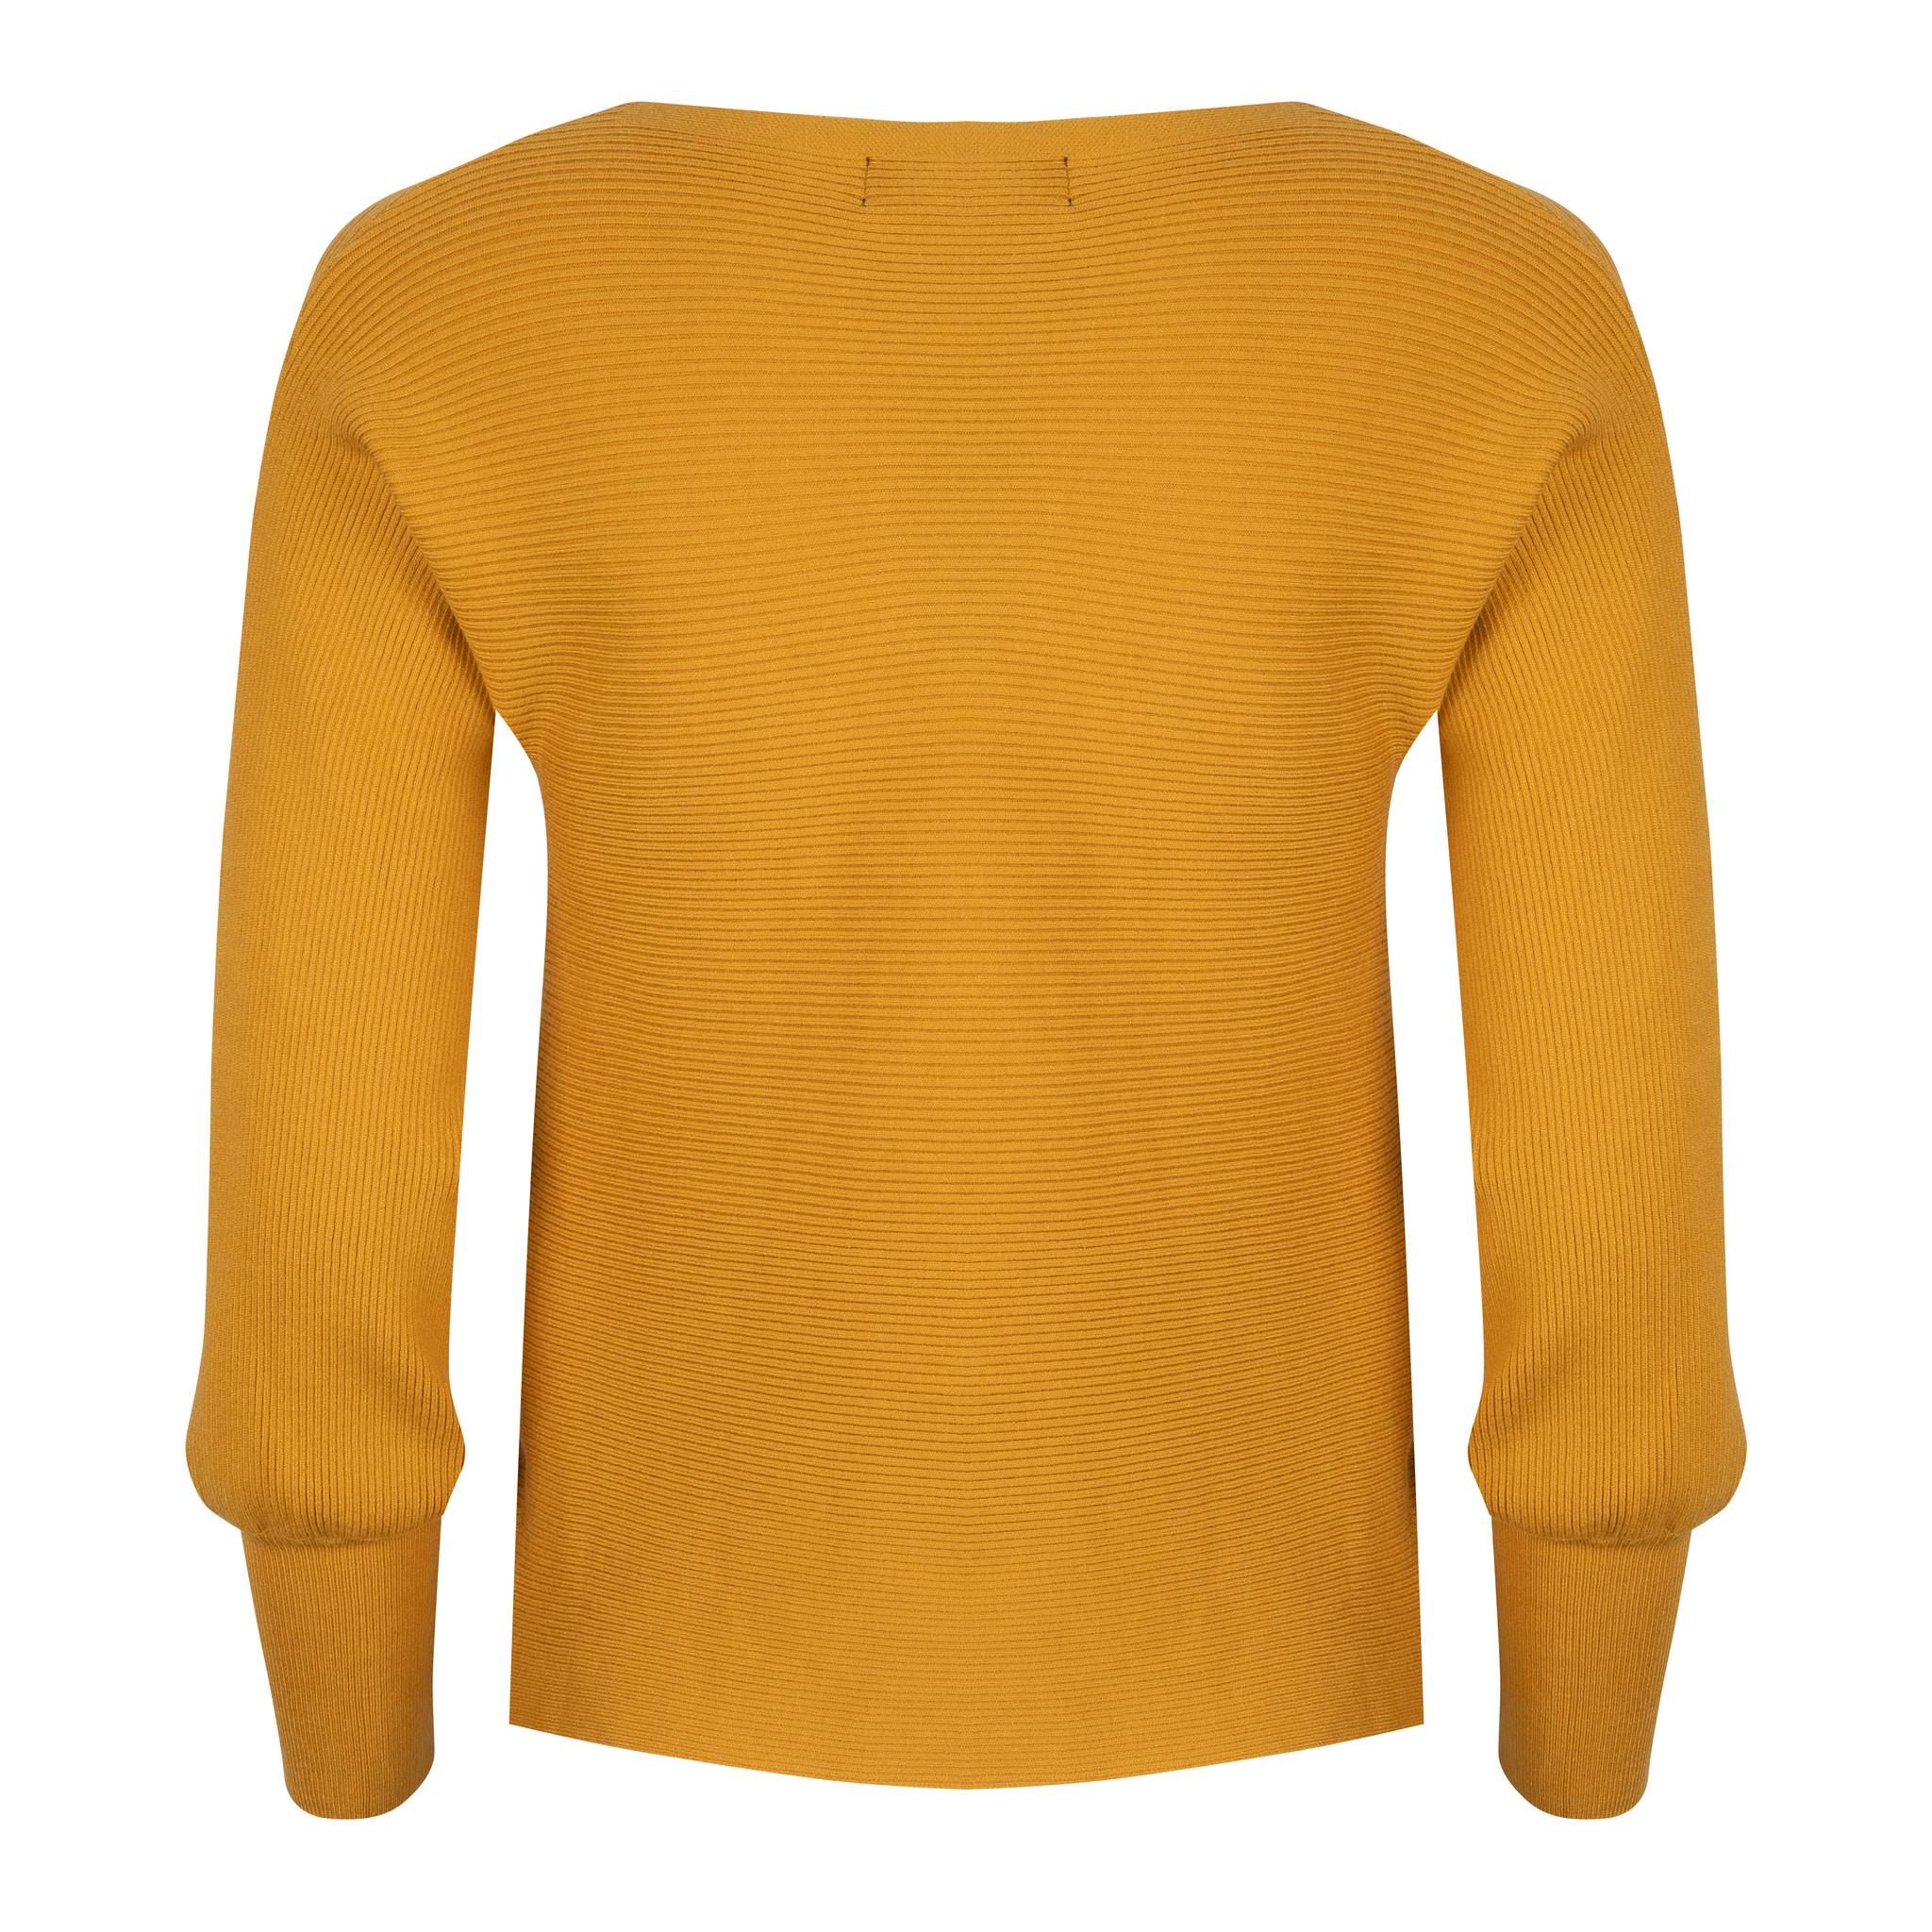 Lofty Manner Ocher Sweater Christina